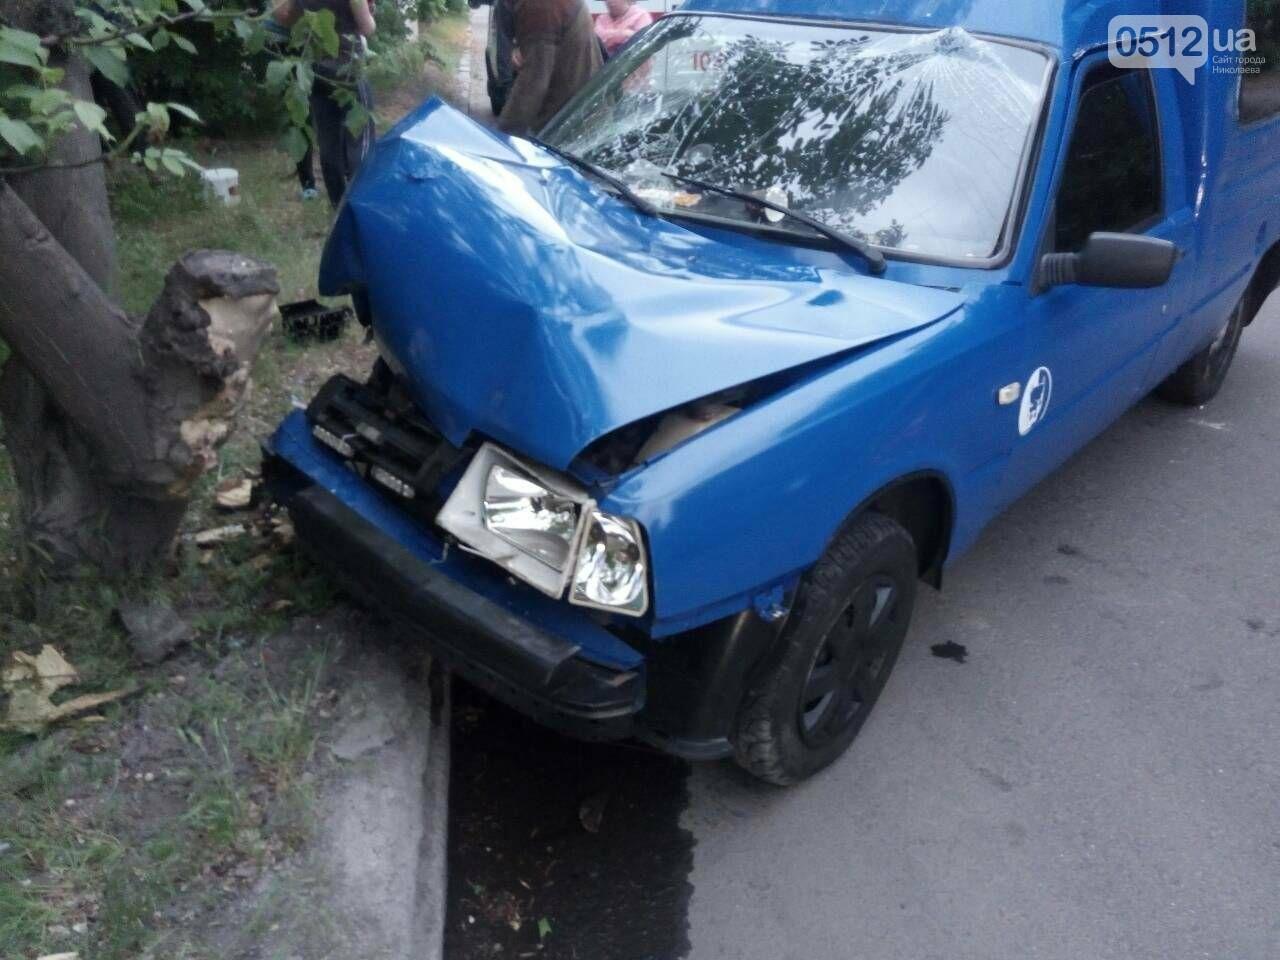 В Николаеве ИЖ врезался в дерево: пострадали пассажиры, - ФОТО, фото-4